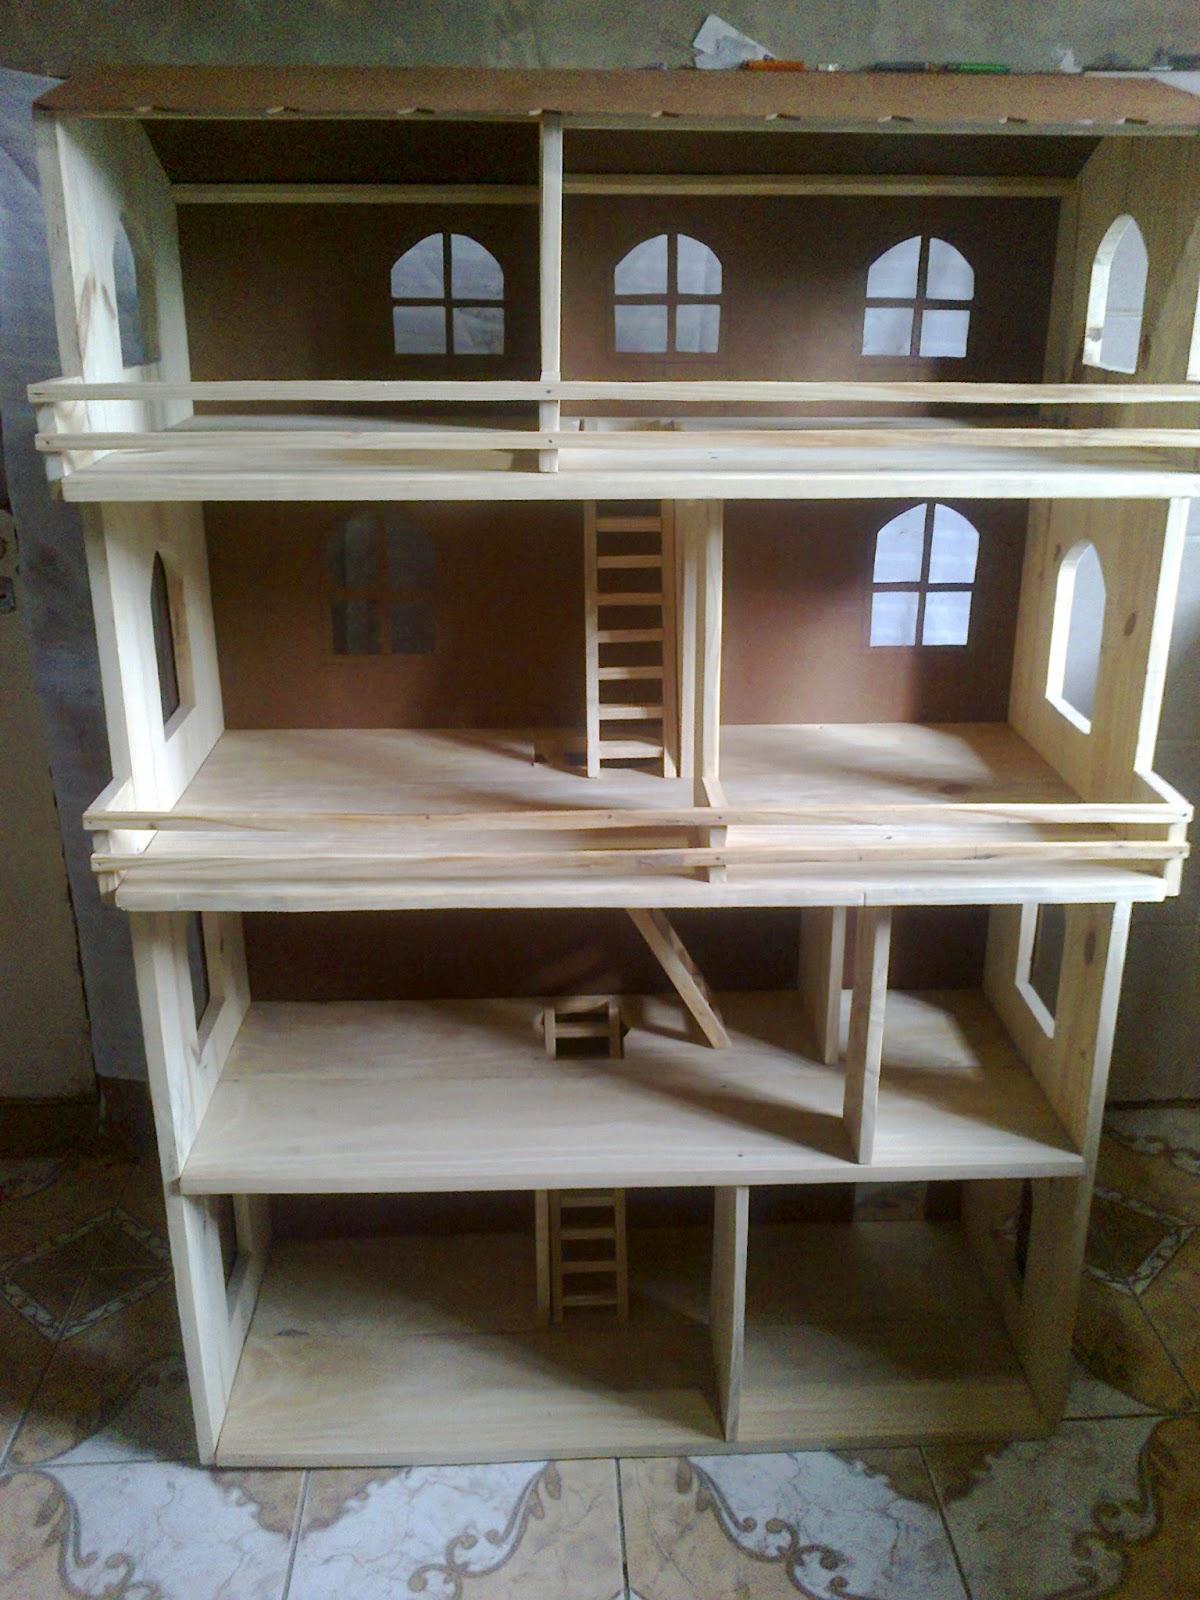 Mini muebles y accesorios miniatura para barbie nuevos modelos de muebles miniaturas y casas - Casas en miniatura de madera ...